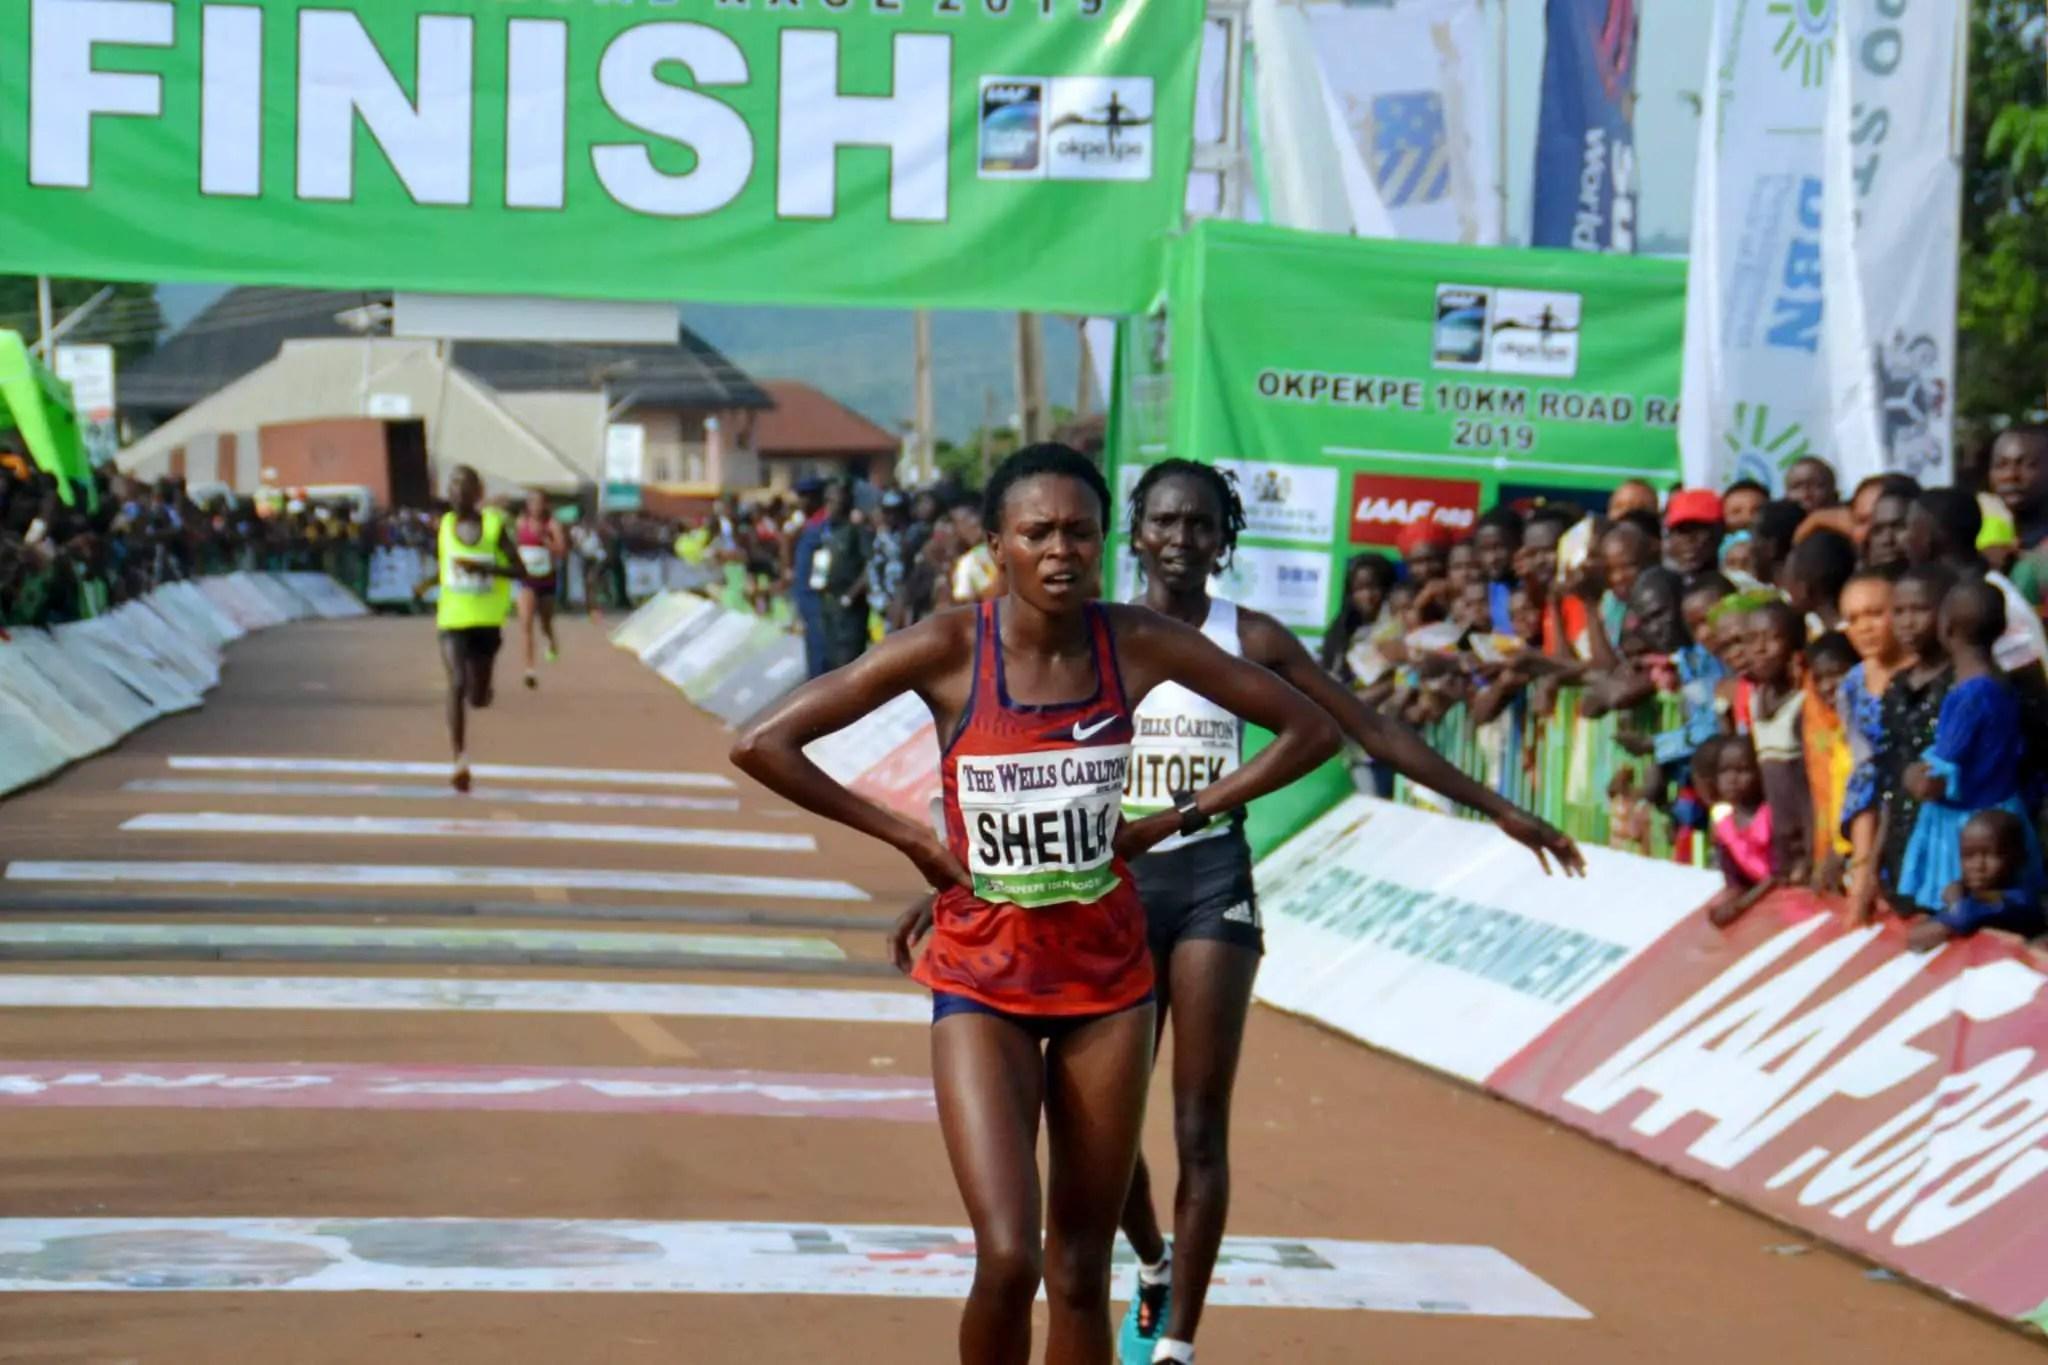 2019 Okpekpe Race Winner Chelangat Breaks Africa's 10km Race Record